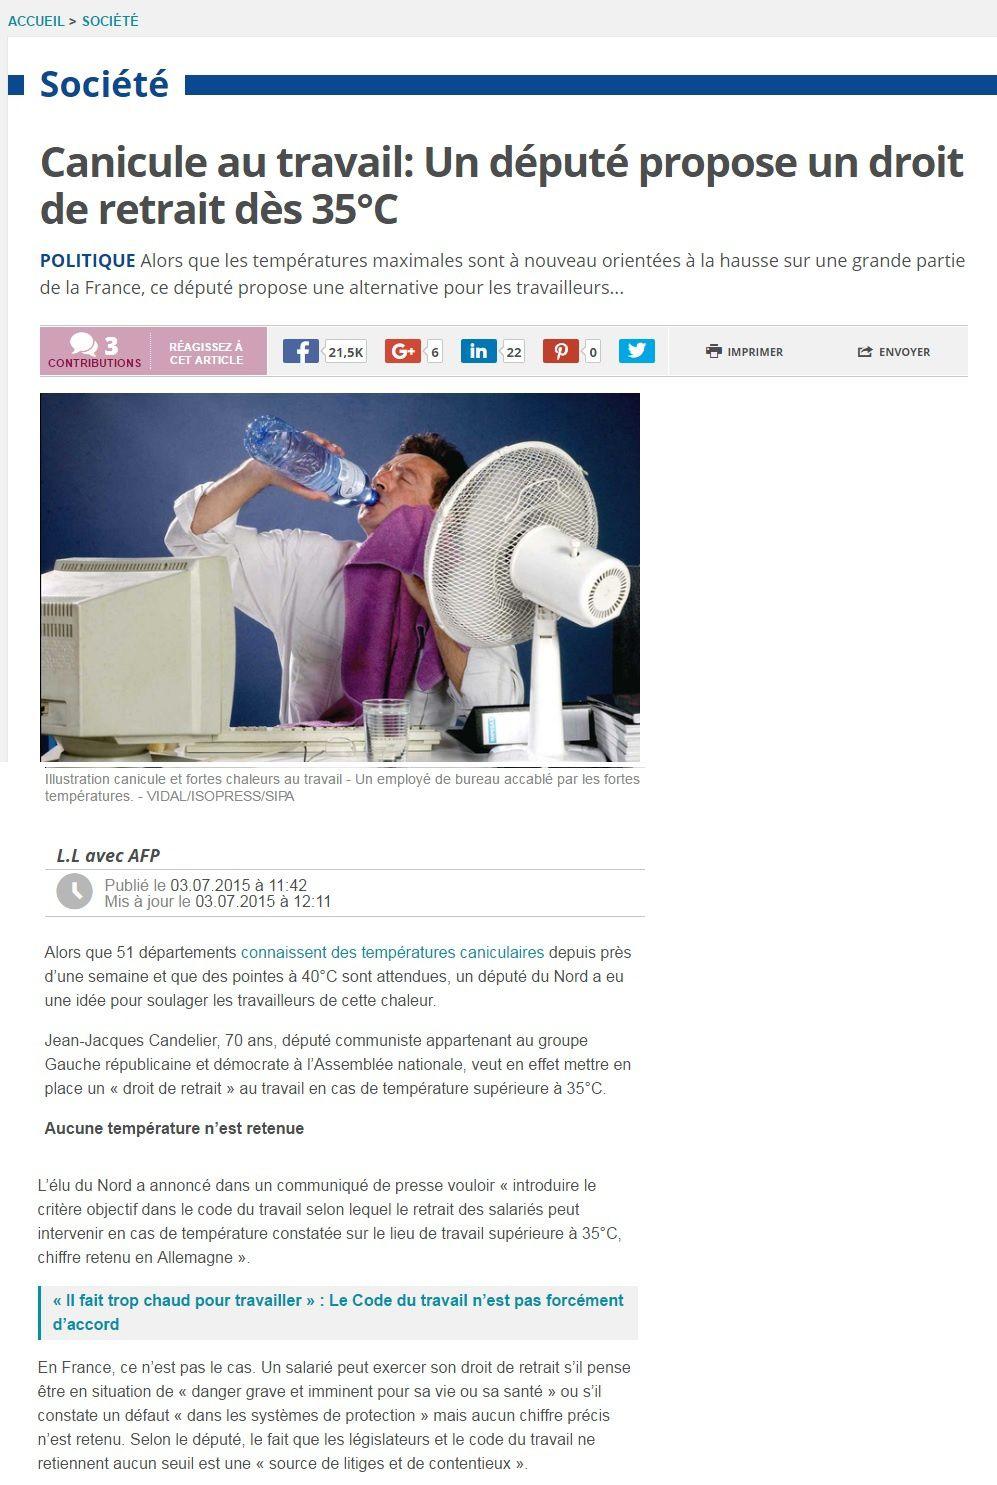 Canicule : le député Communiste nordiste, Jean-Jacques Candelier propose un droit de retrait au travail à partir de 35°C